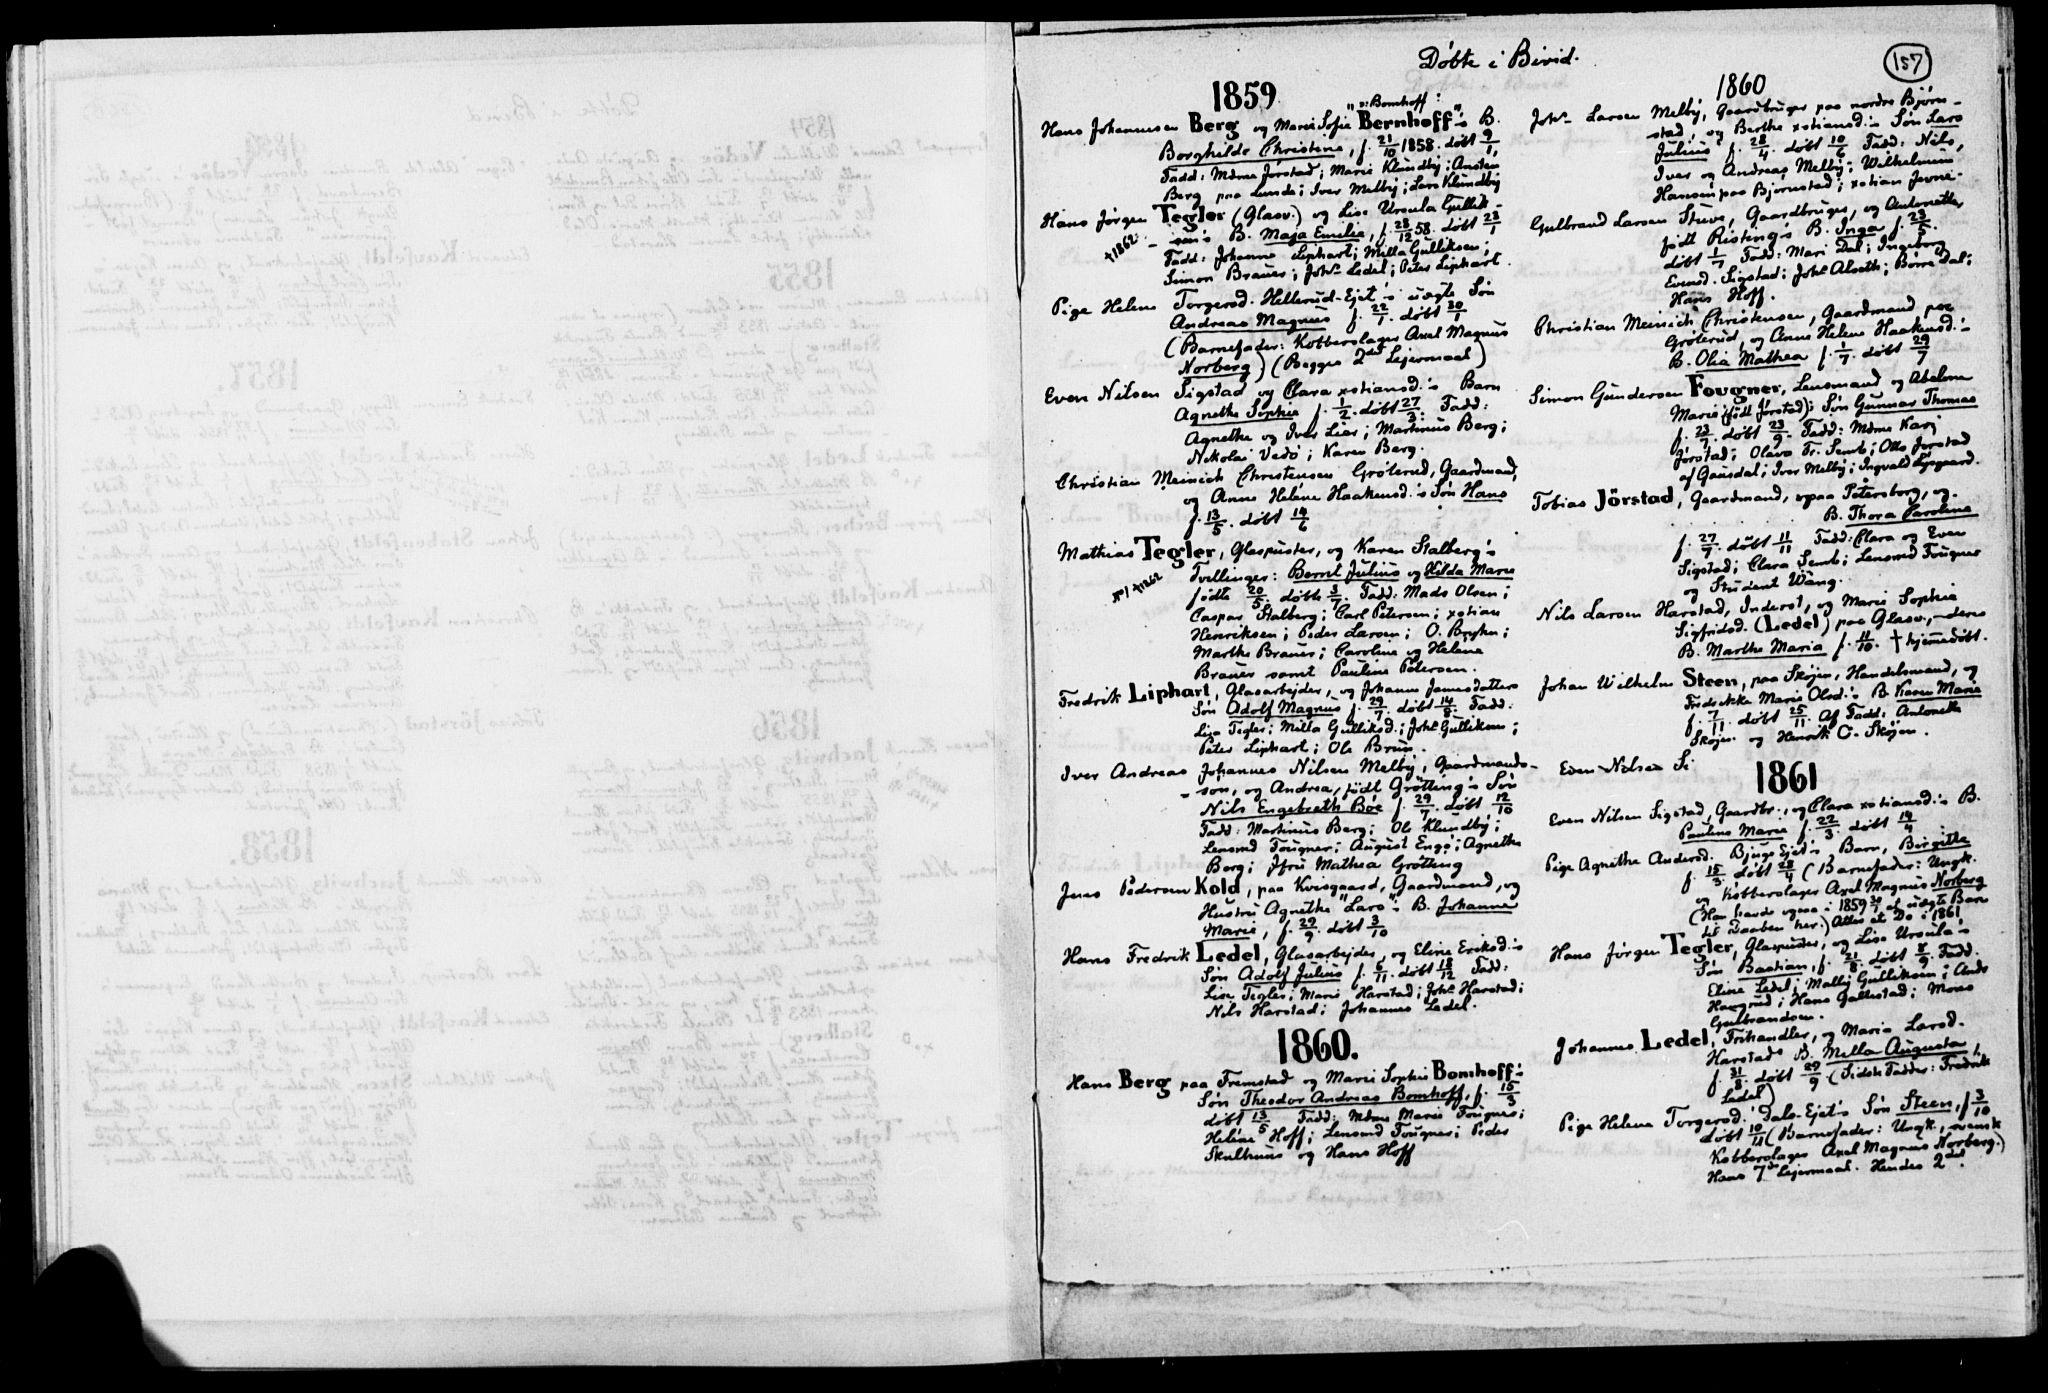 SAH, Biri prestekontor, Ministerialbok, 1730-1879, s. 157